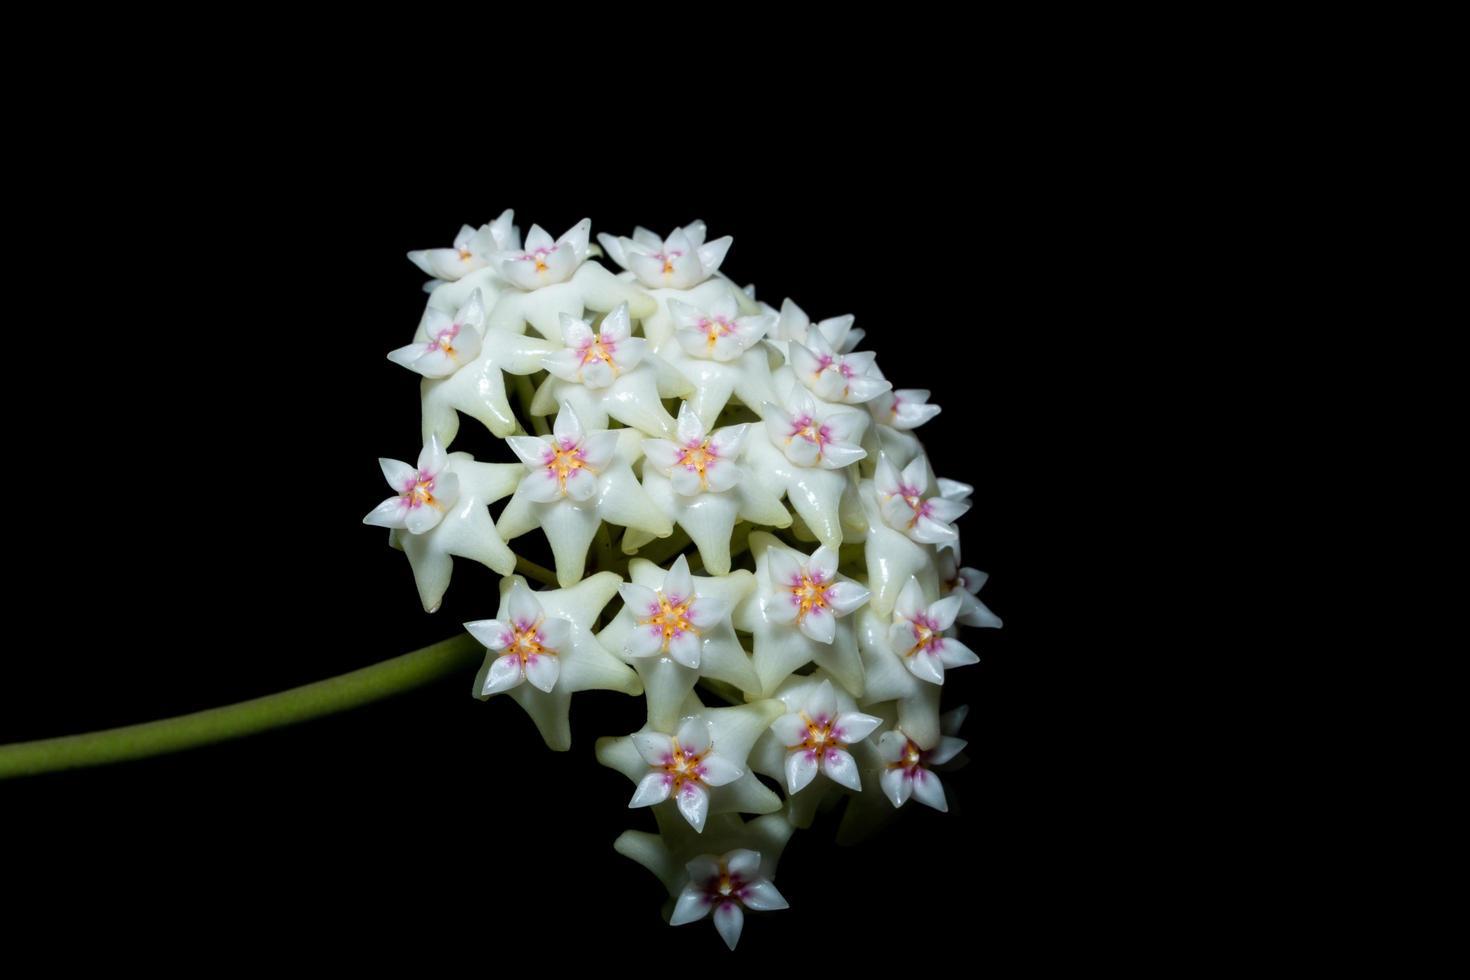 fleur de hoya blanche sur fond noir photo